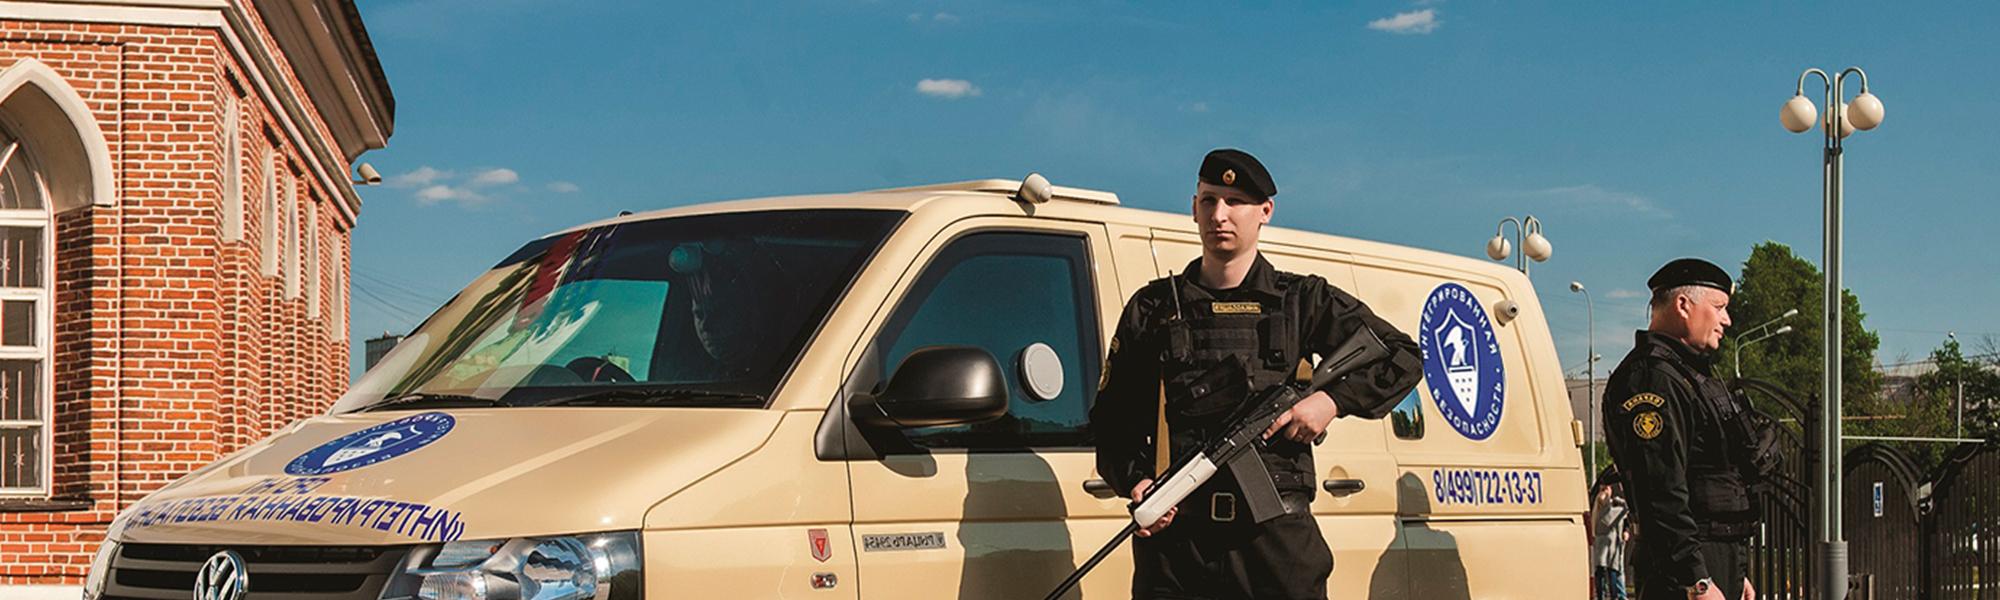 Работа в москве в автосалонах охранником кредит под залог автомобиля без постановки